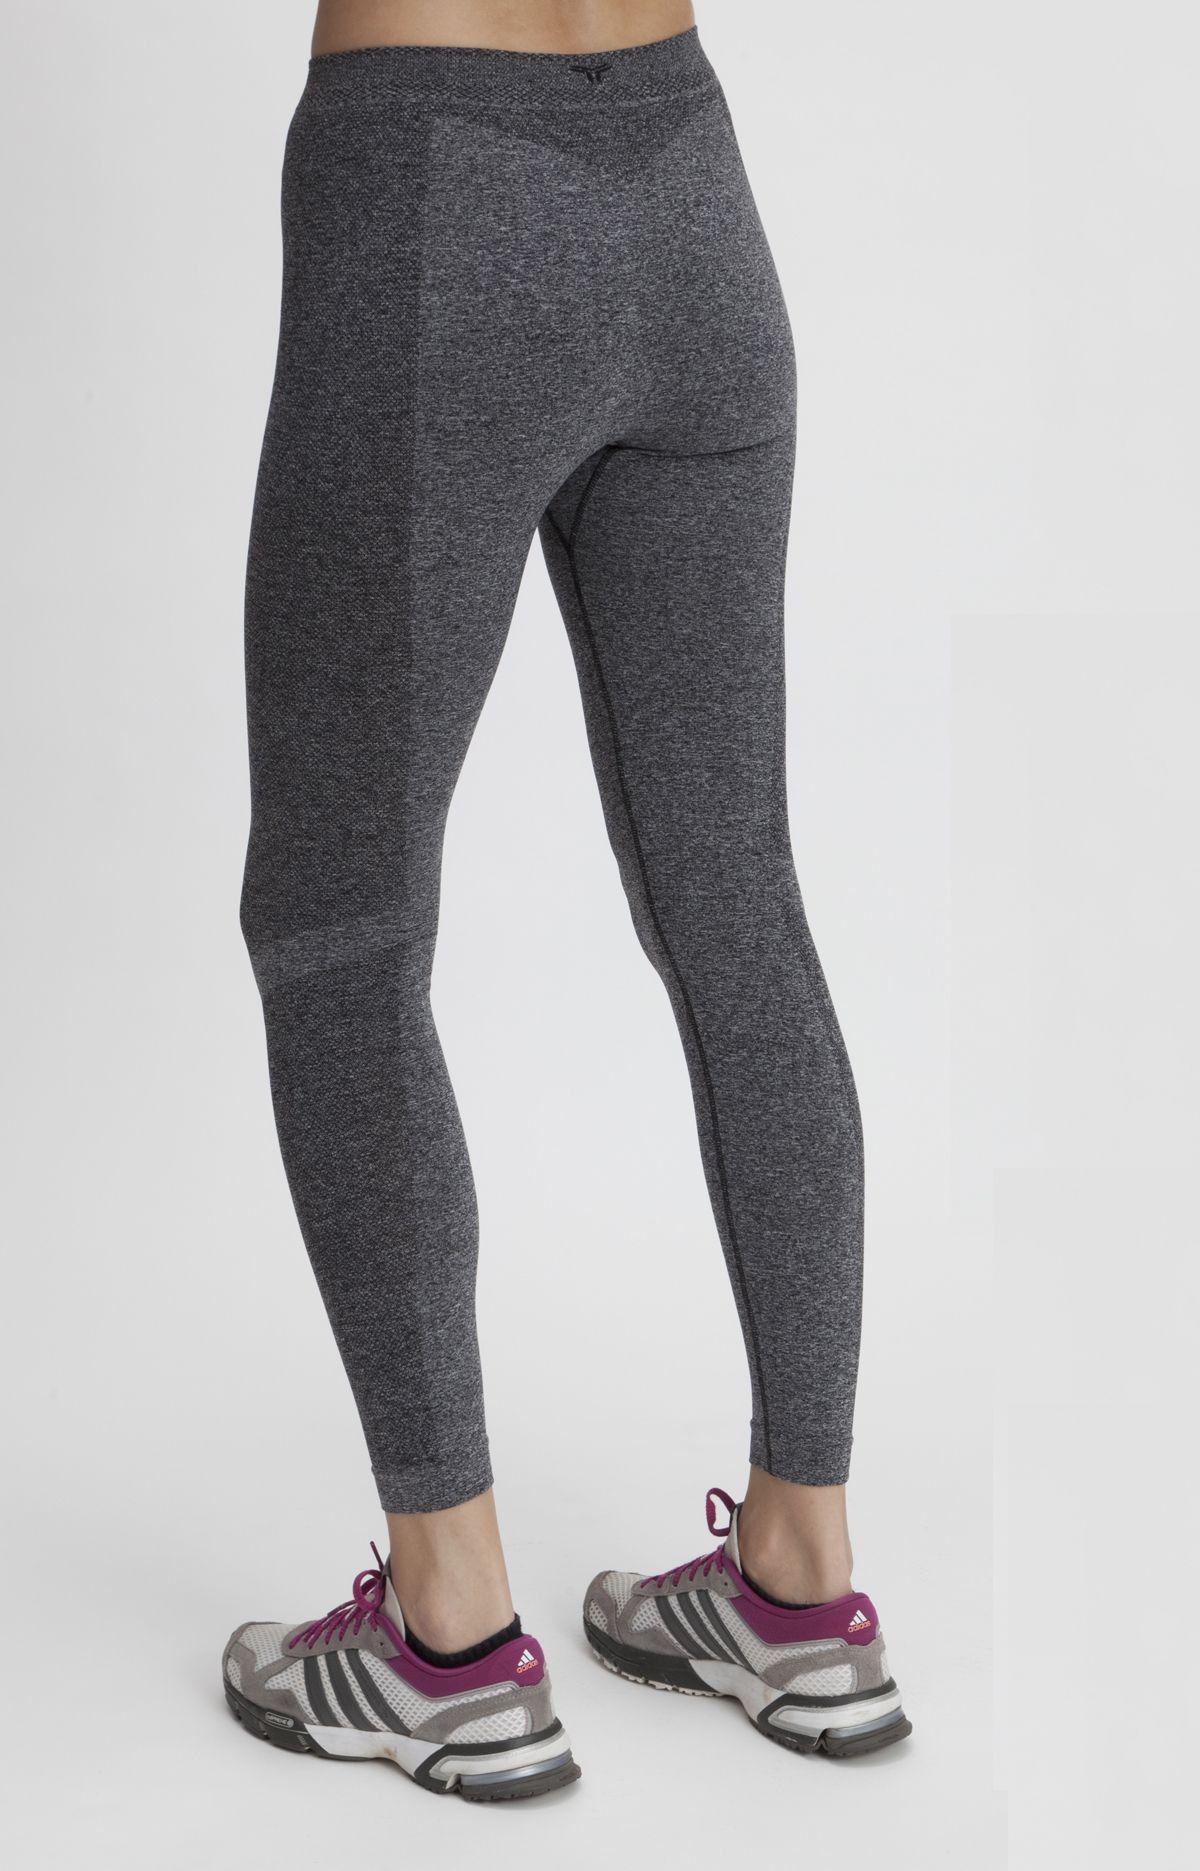 7a8a4078e2b424 BLISS LEGGING gray legging, seamless leggings, hot yoga legging, fitness,  running #yoga #activewear #leggings ferastyle.com